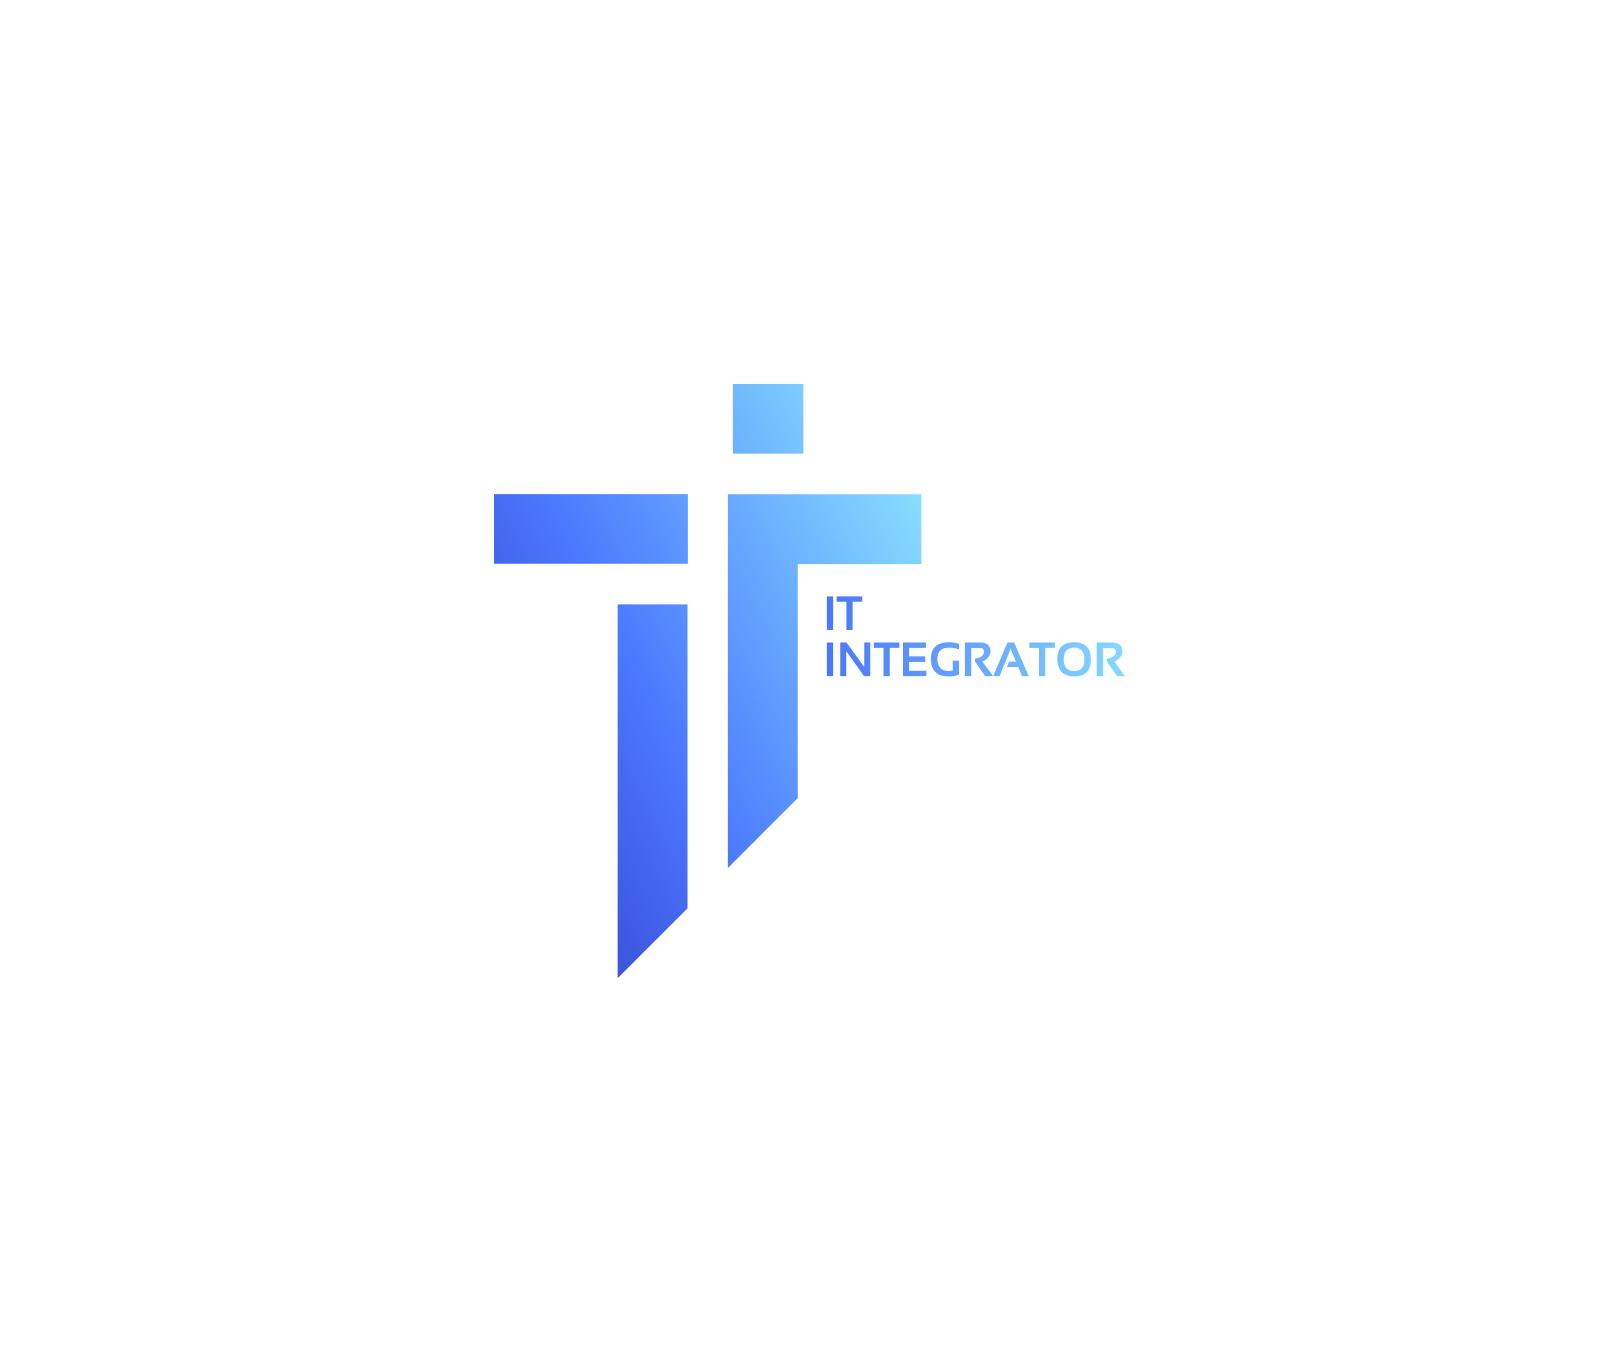 Логотип для IT интегратора фото f_6516149f78520ac6.png